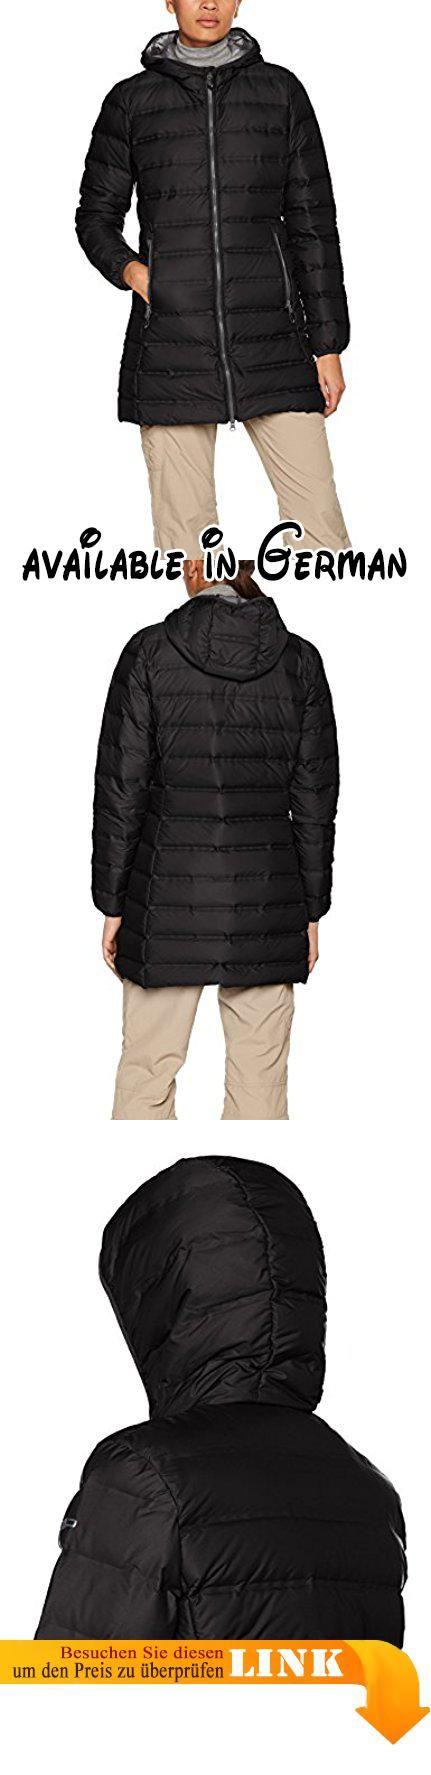 B073HBVN27 : CMP Damen Daunen Mantel Nero-Grey 48. warmer Daunen/ Parka mantel mit Kapuze. 90% Daune 10% Federn. gelaserte Nähte- keinen Daunenaustritt mehr. warm weich extrem leicht. sehr warm 600 Cuin